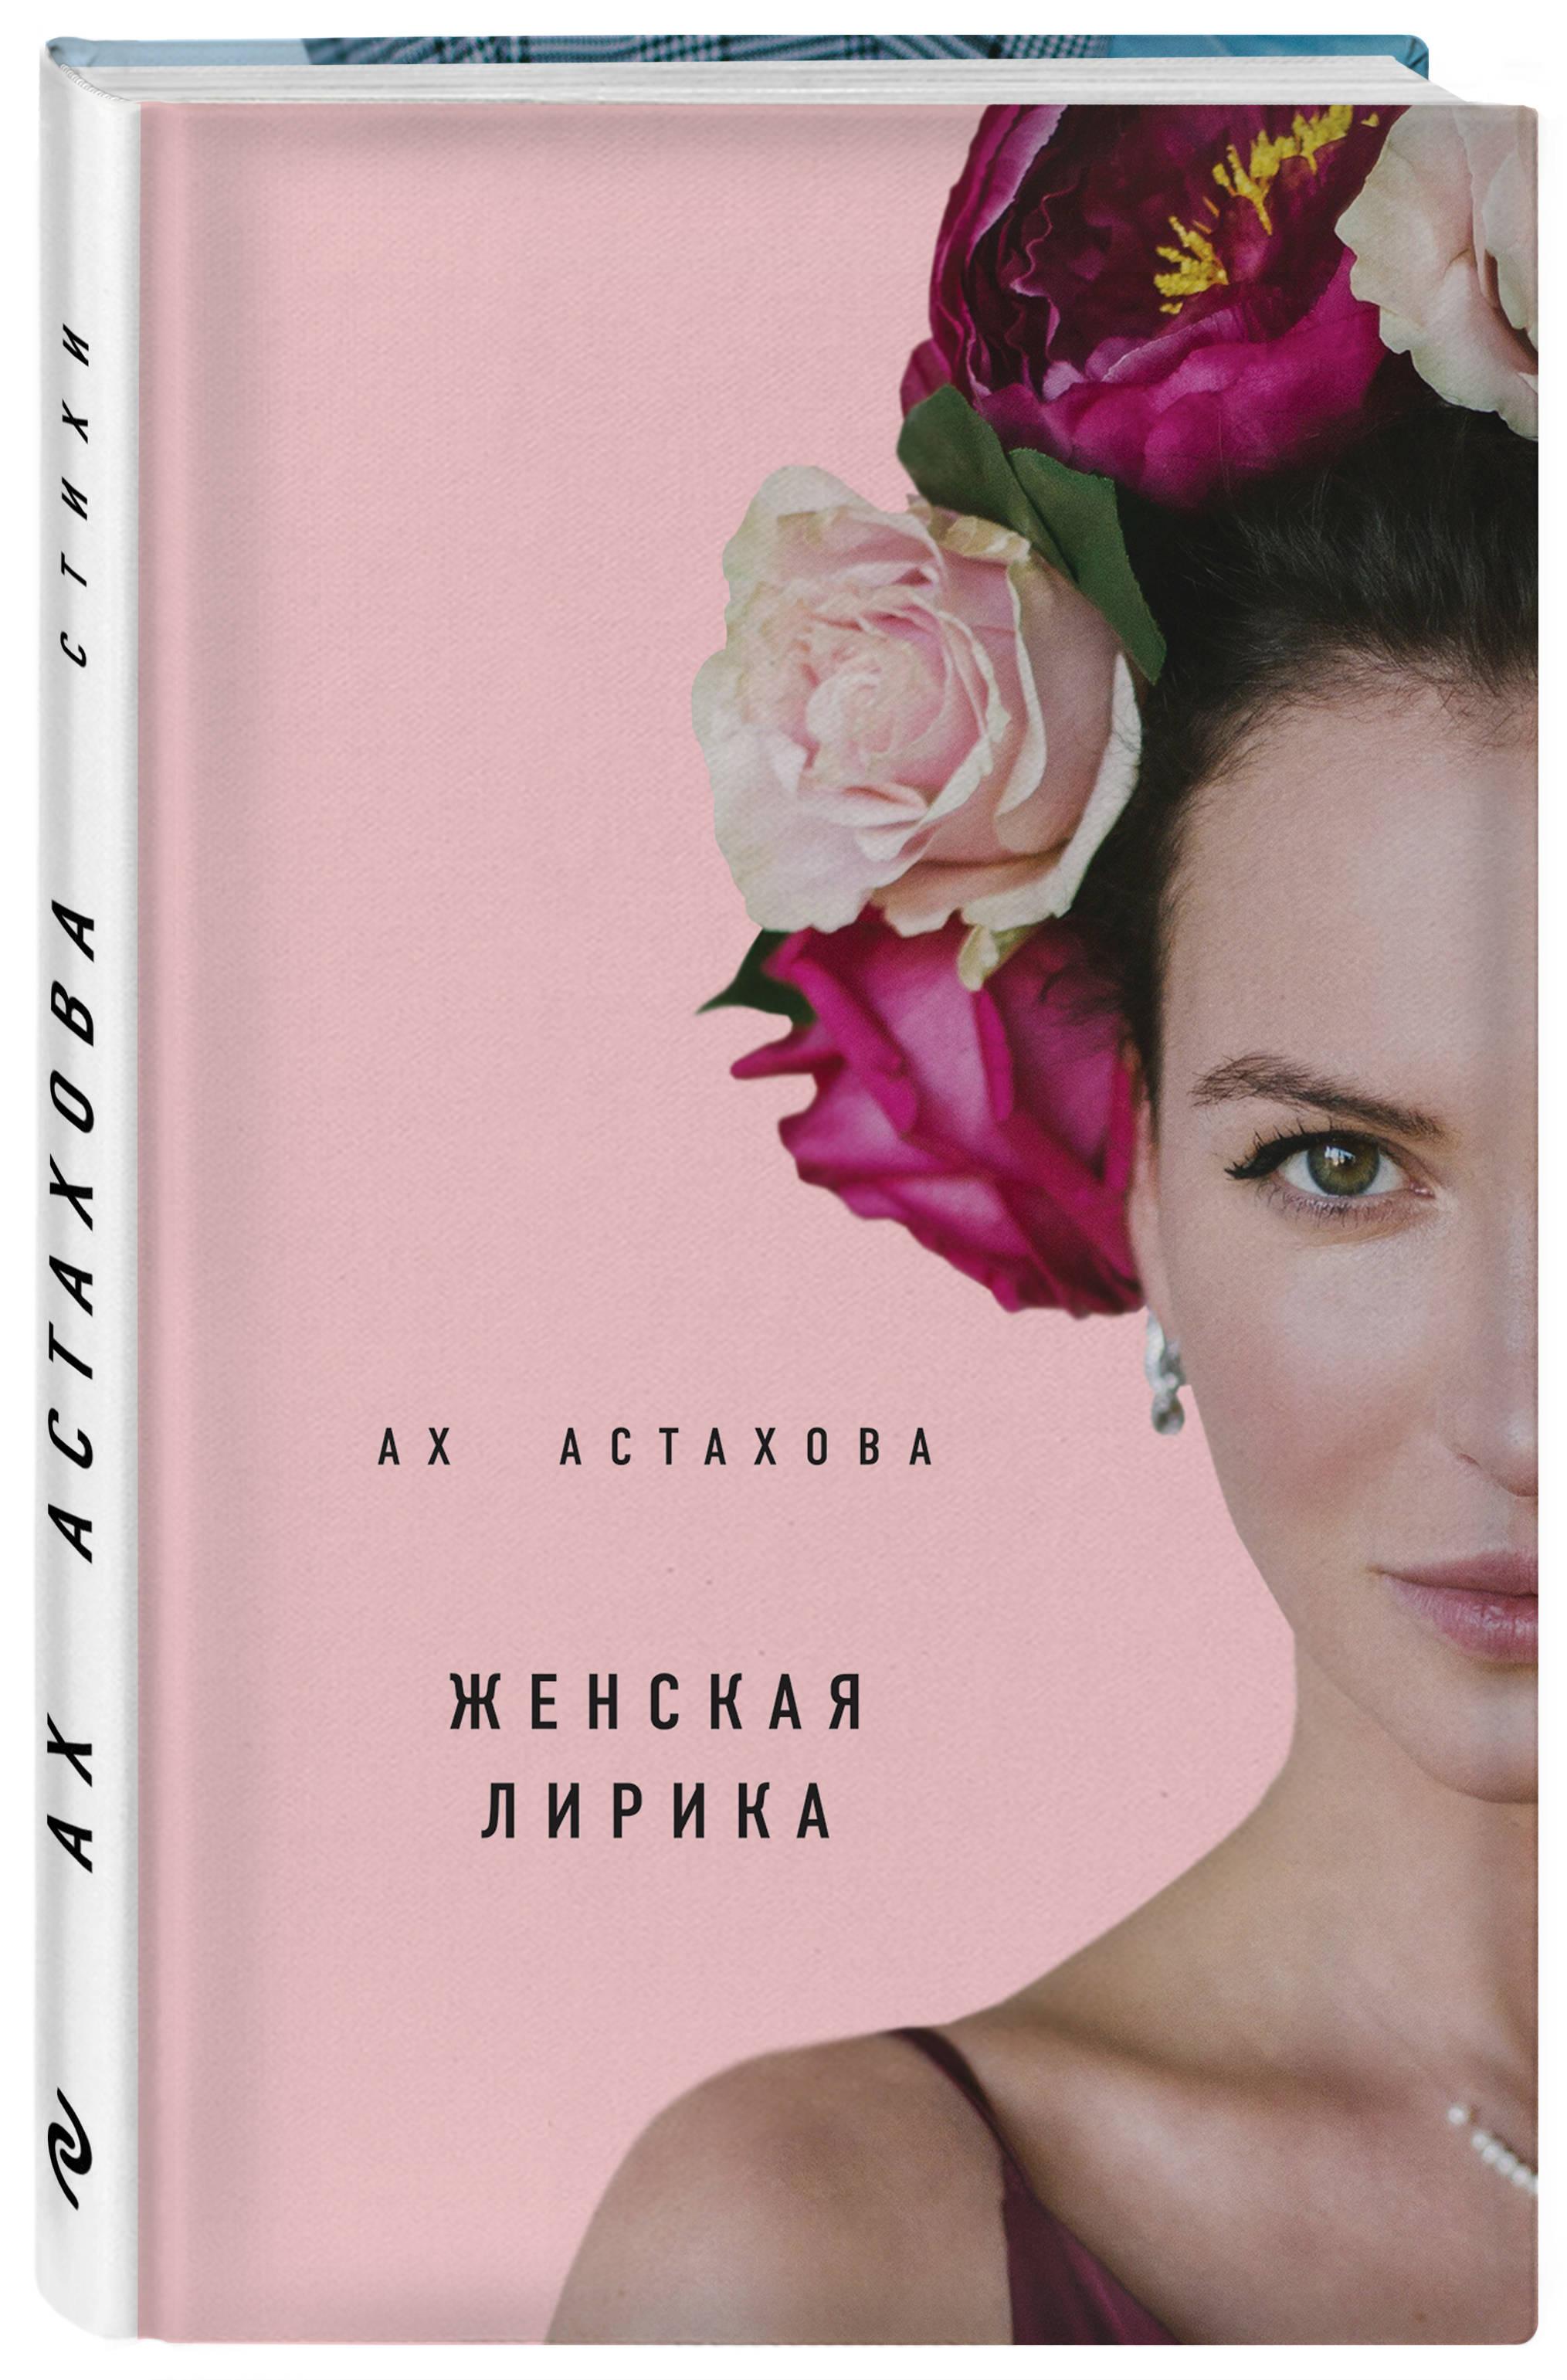 Ах Астахова Ах Астахова. Мужская и женская лирика (2-е изд., доп.)